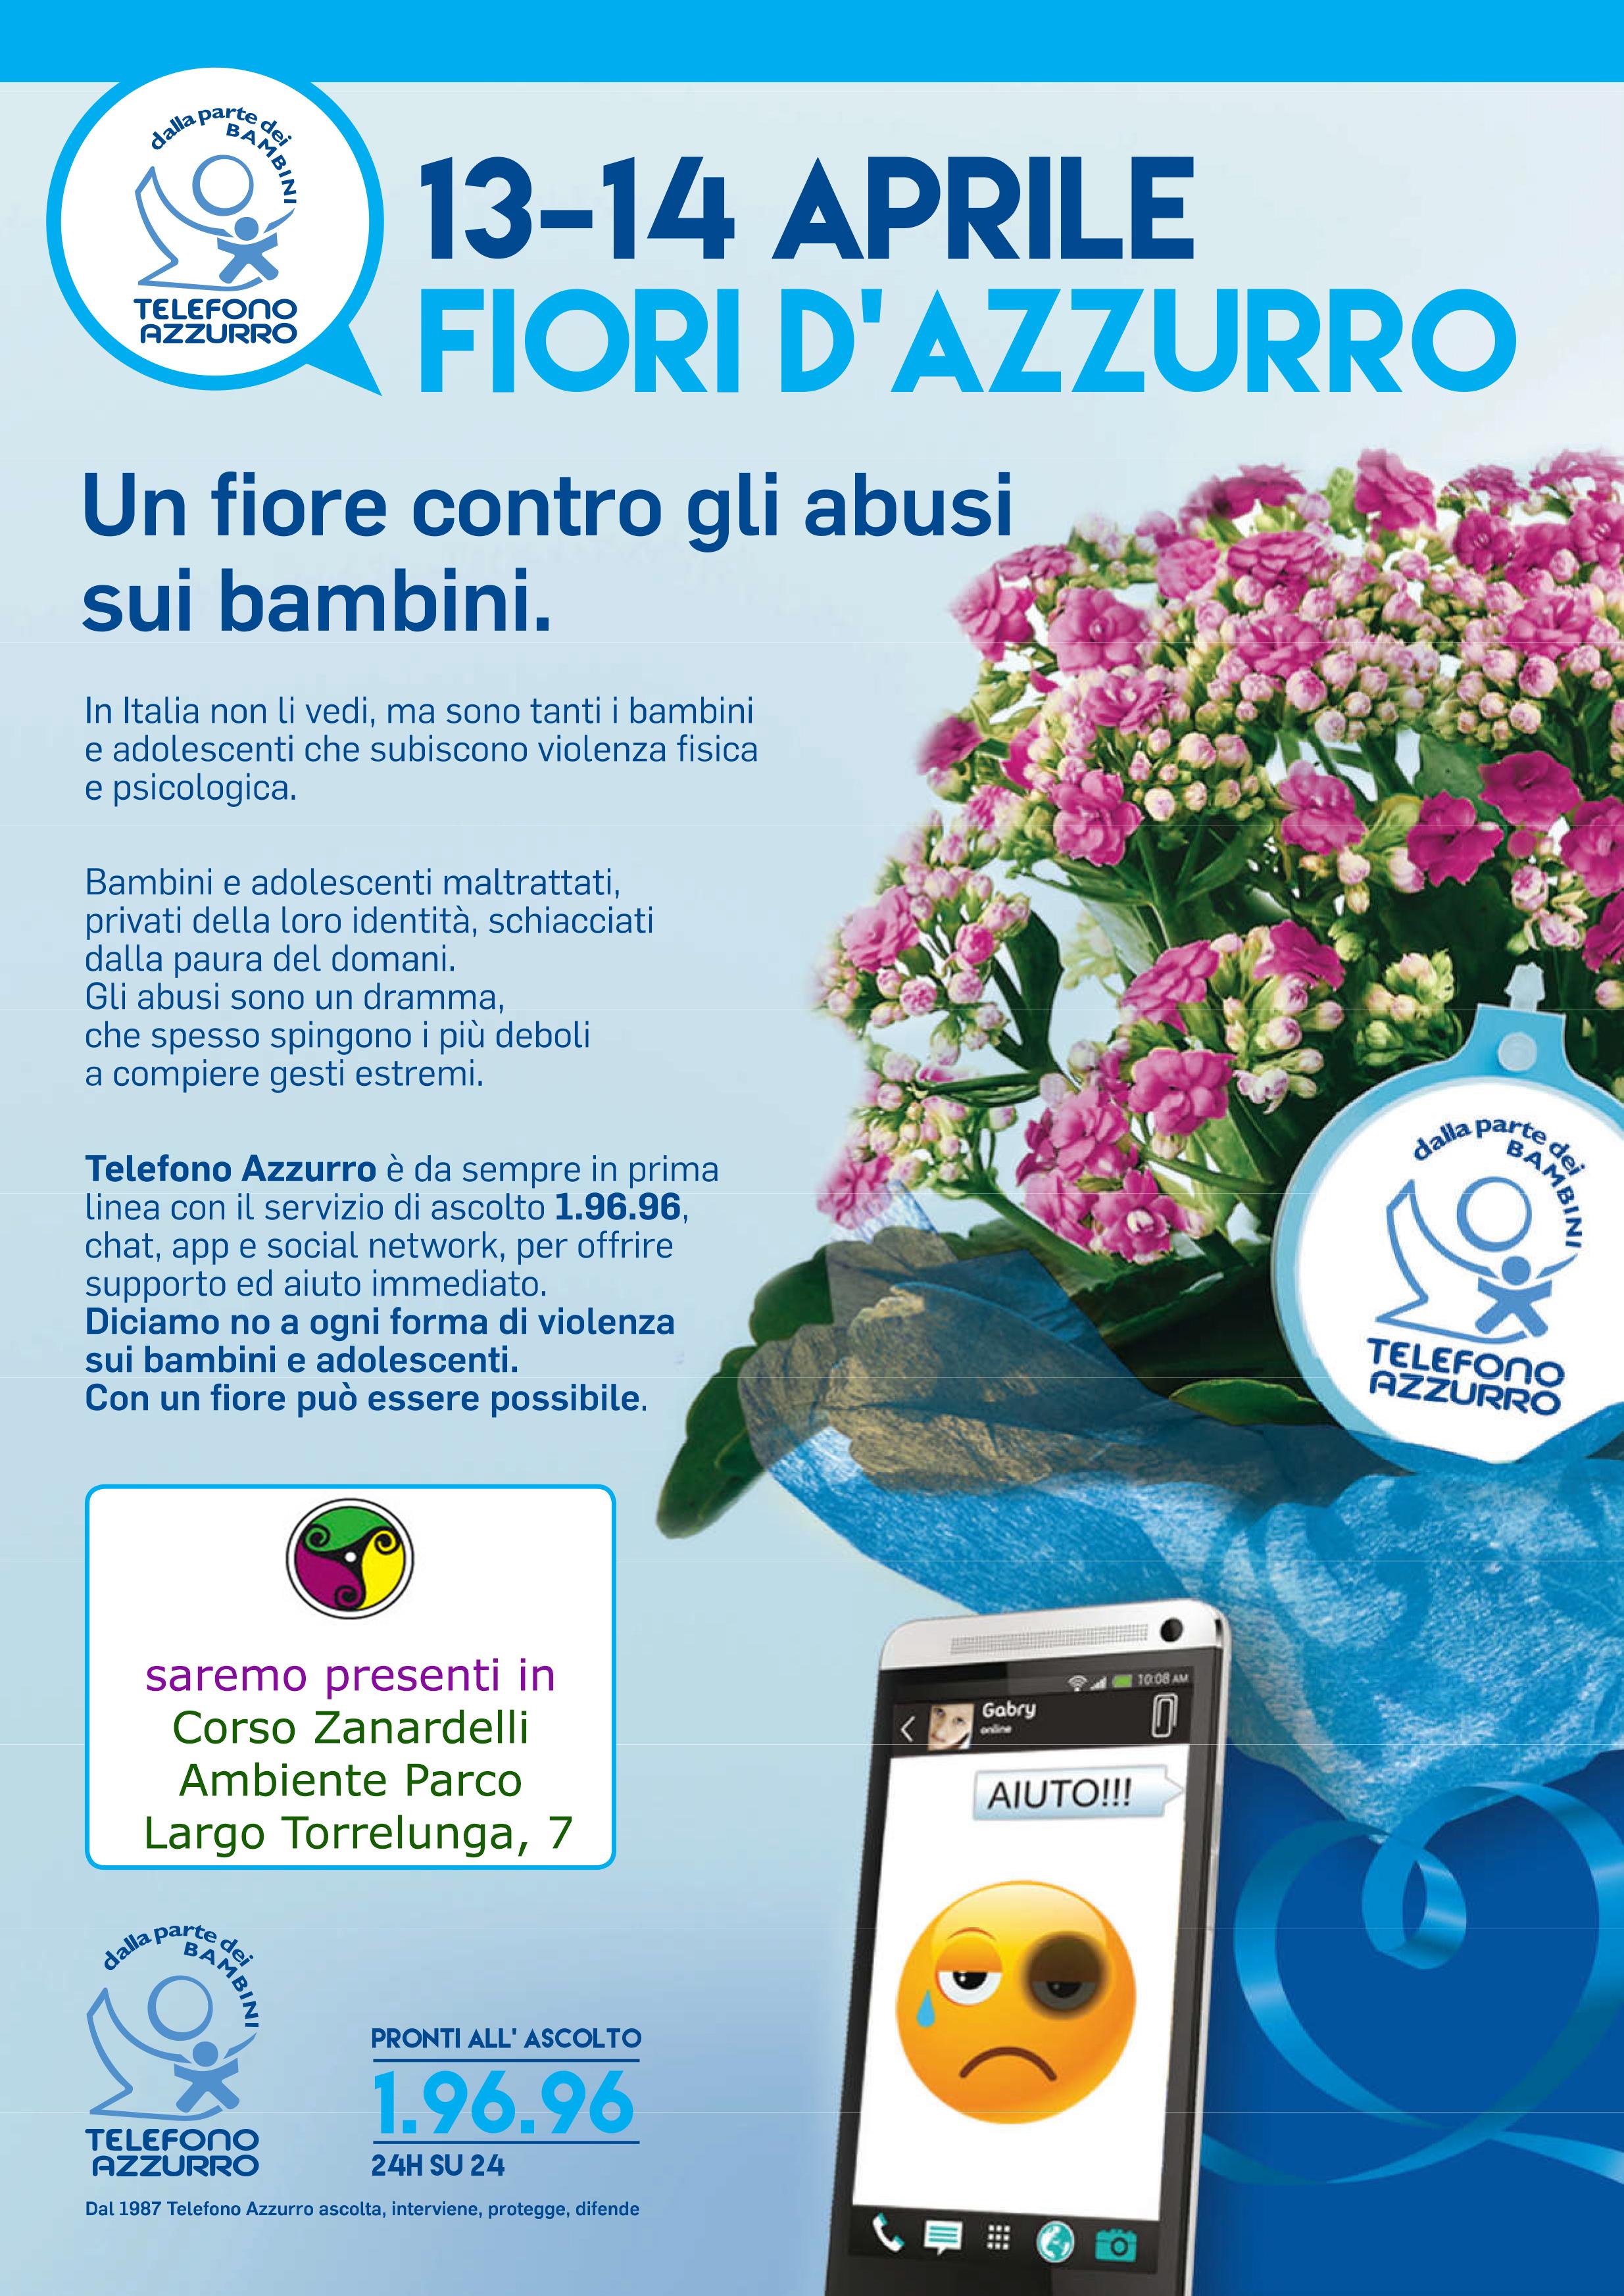 FIORI D'AZZURRO IN COLLABORAZIONE CON TELEFONO AZZURRO 13-14 APRILE